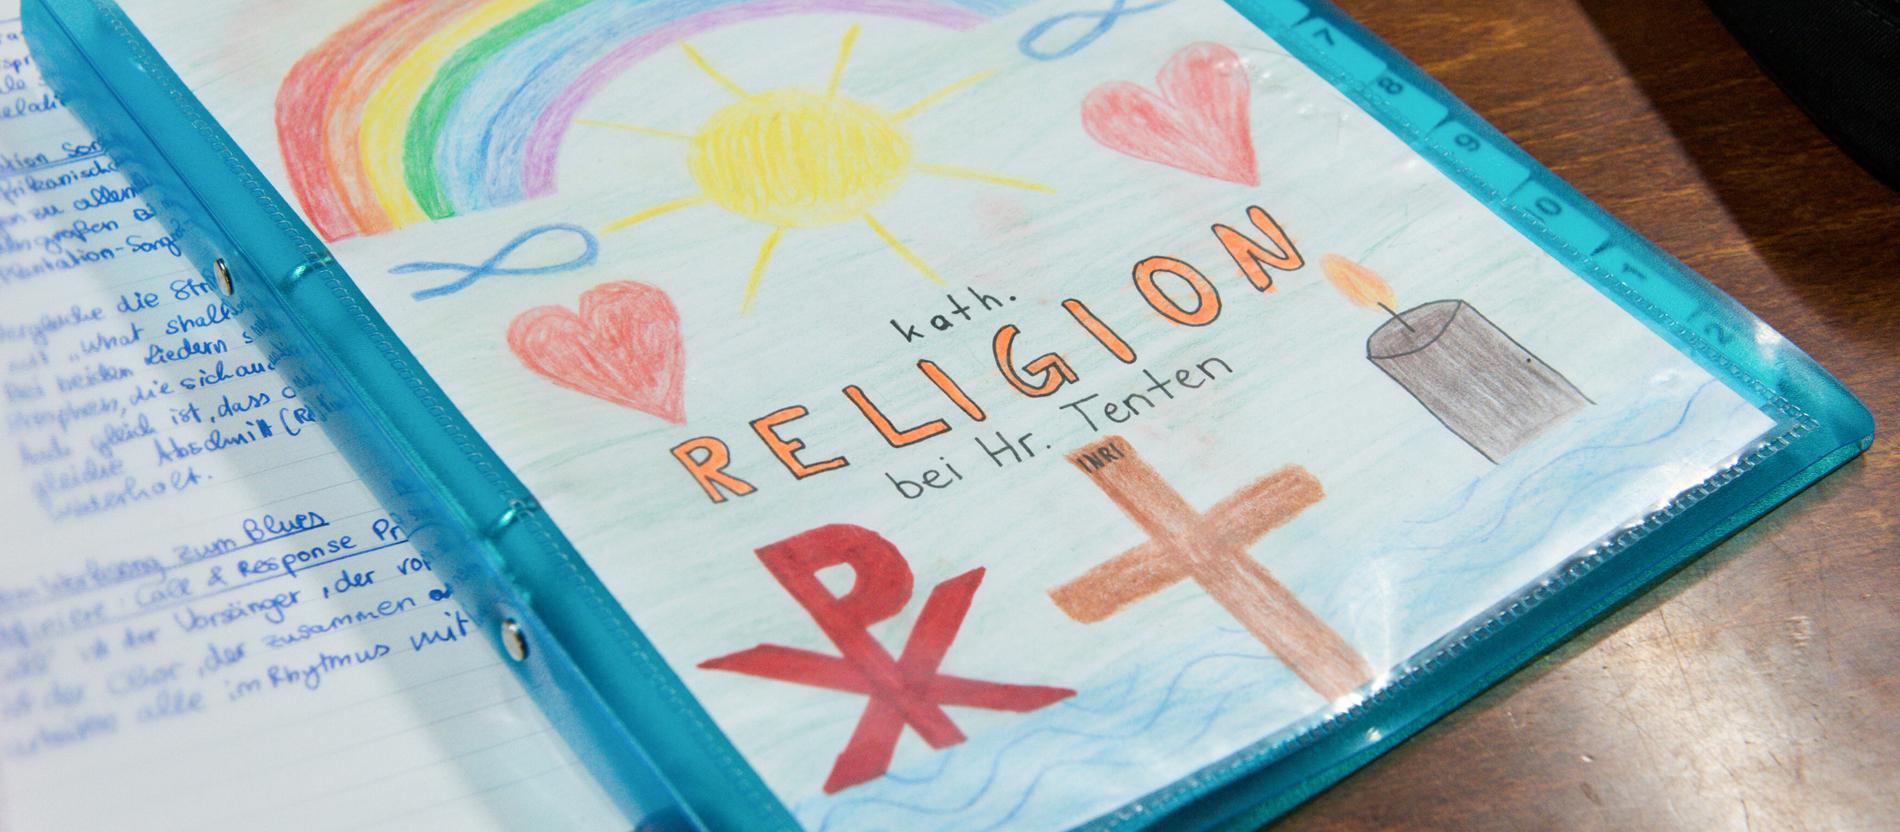 Was wäre, wenn es den Religionsunterricht nicht mehr gäbe?